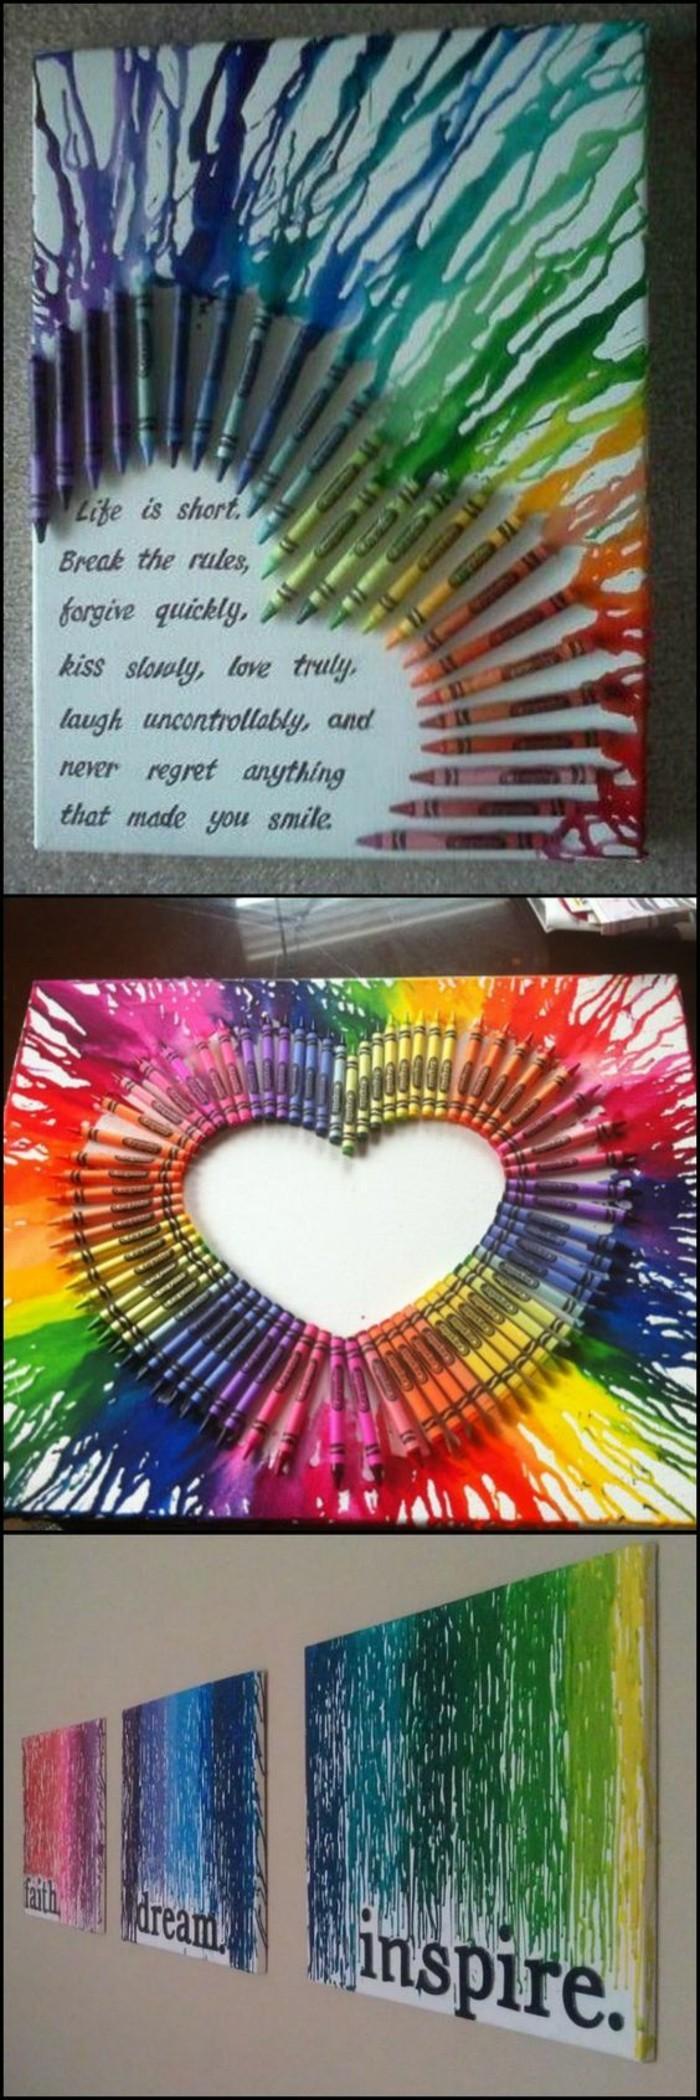 decoration murale design colorée, coeur et phrase inspirante, trois tableaux muraux